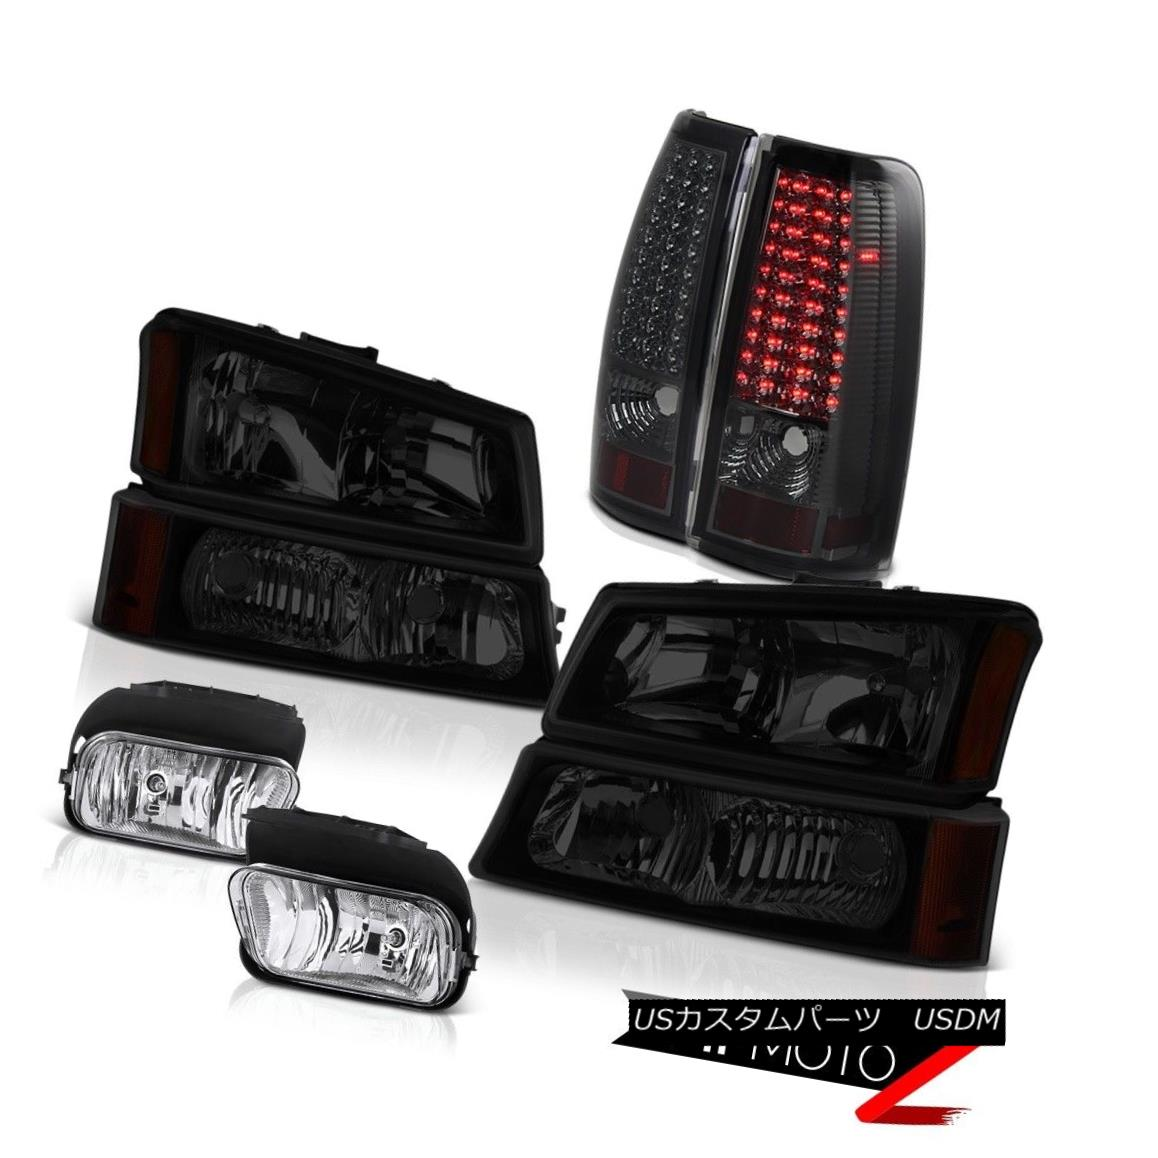 テールライト 2003-2006 Silverado 1500 Clear Chrome Foglamps Phantom Smoke Taillamps Headlamps 2003-2006 Silverado 1500クリアクロームフォグランプファントムスモークタイルランプヘッドランプ